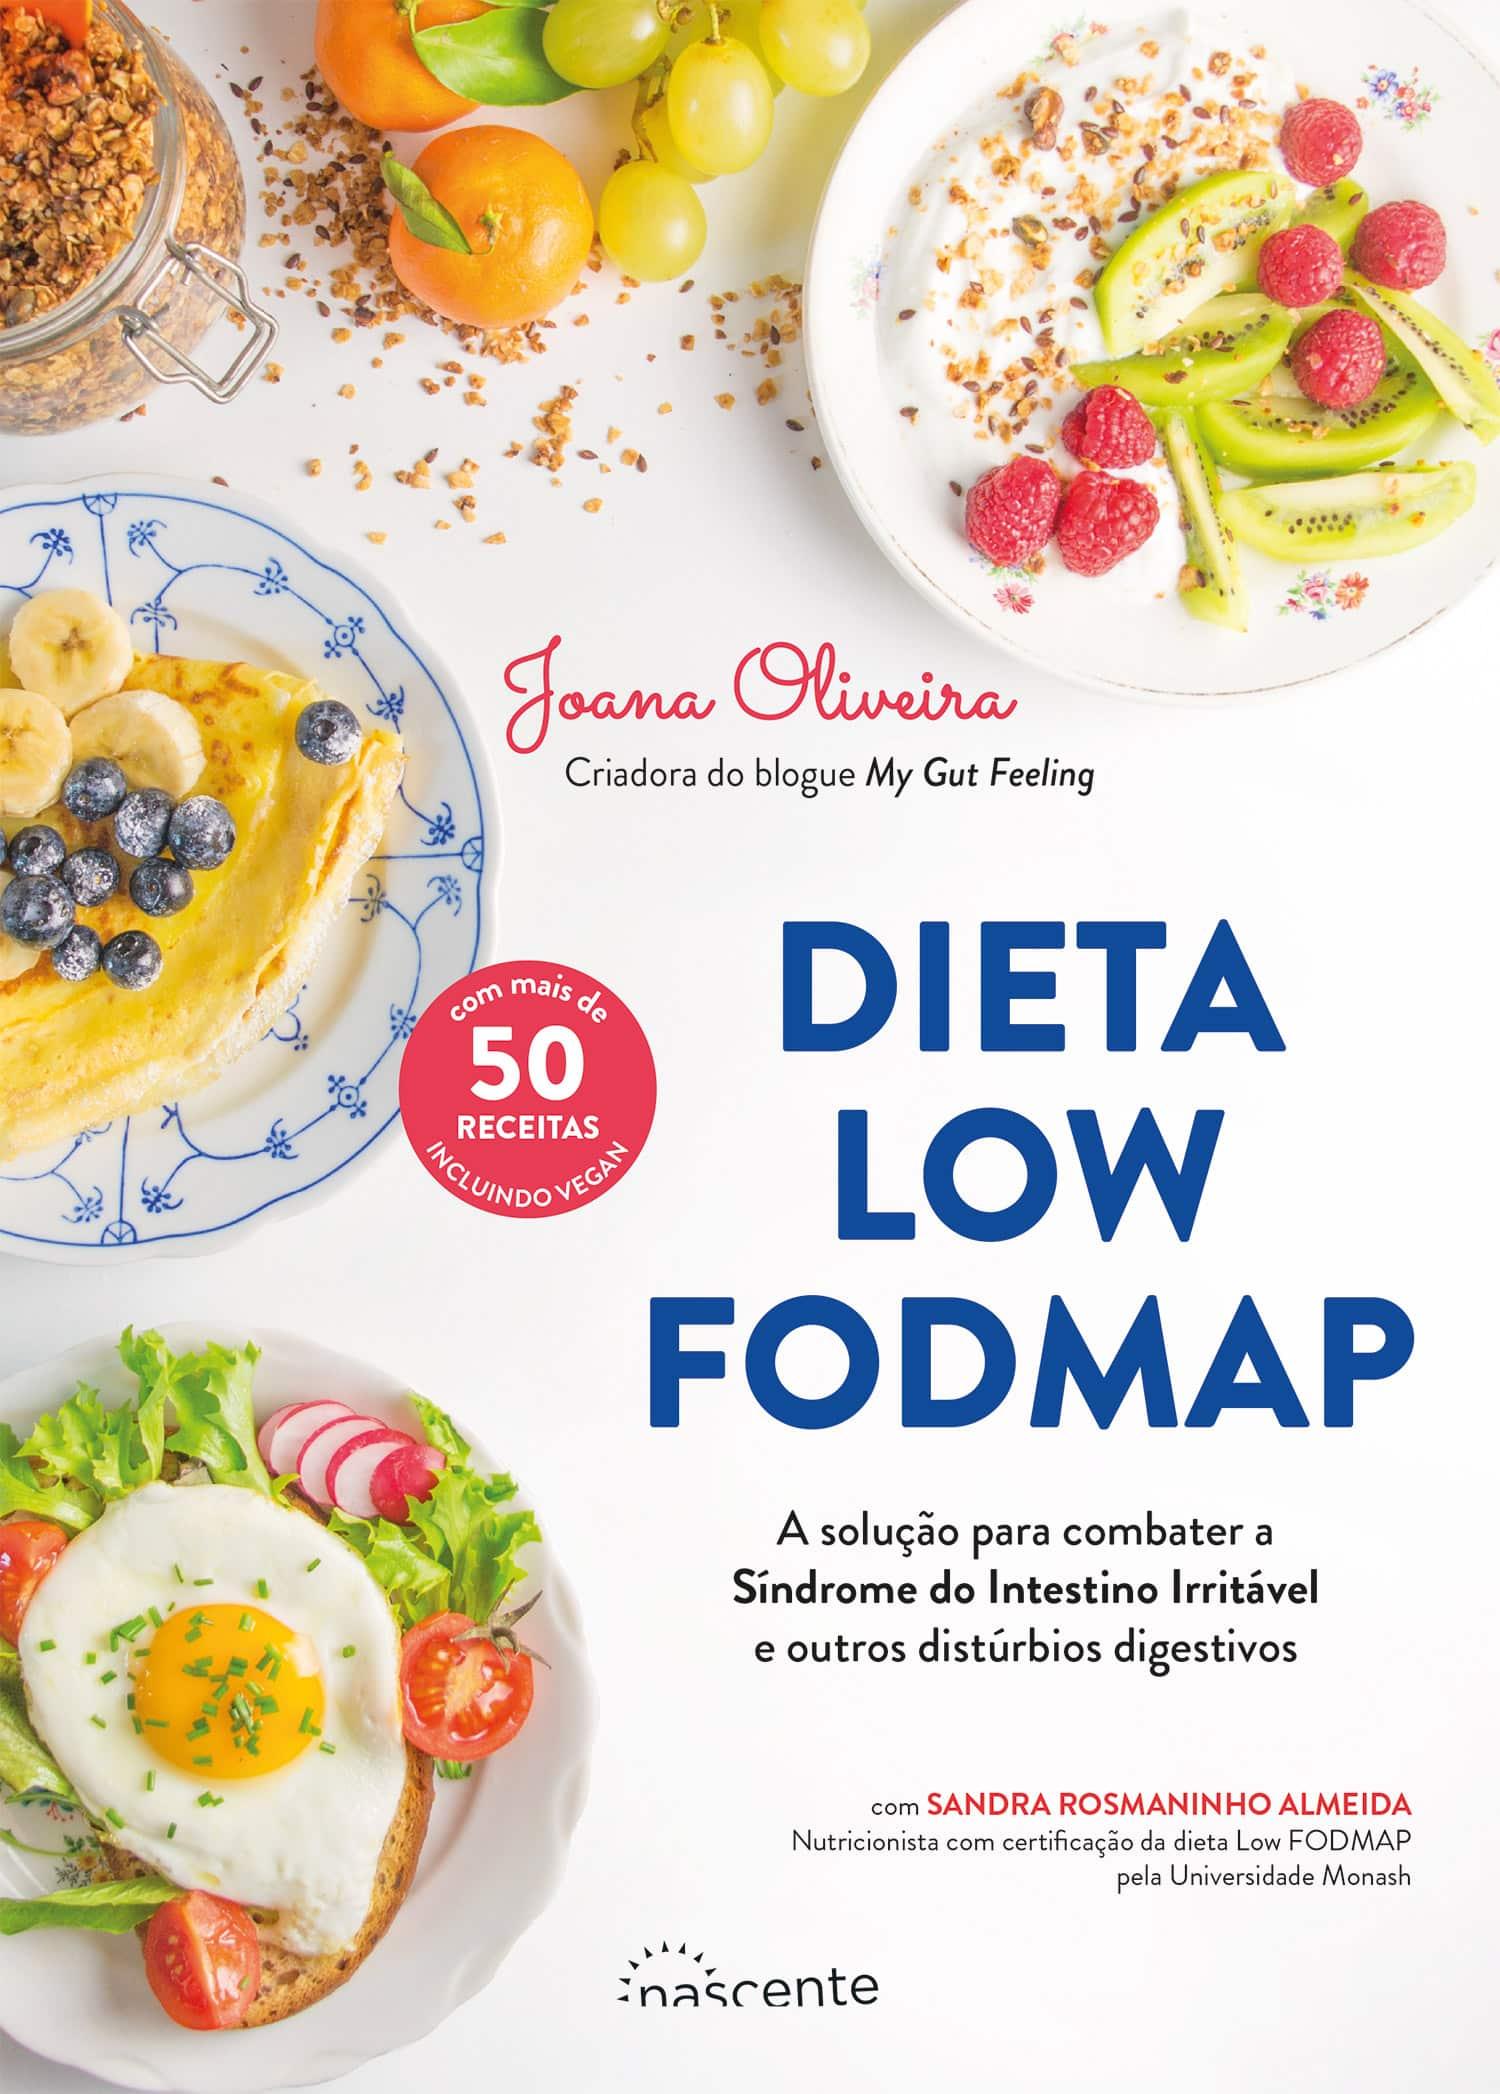 Capa do livro dieta low fodmap com três refeições